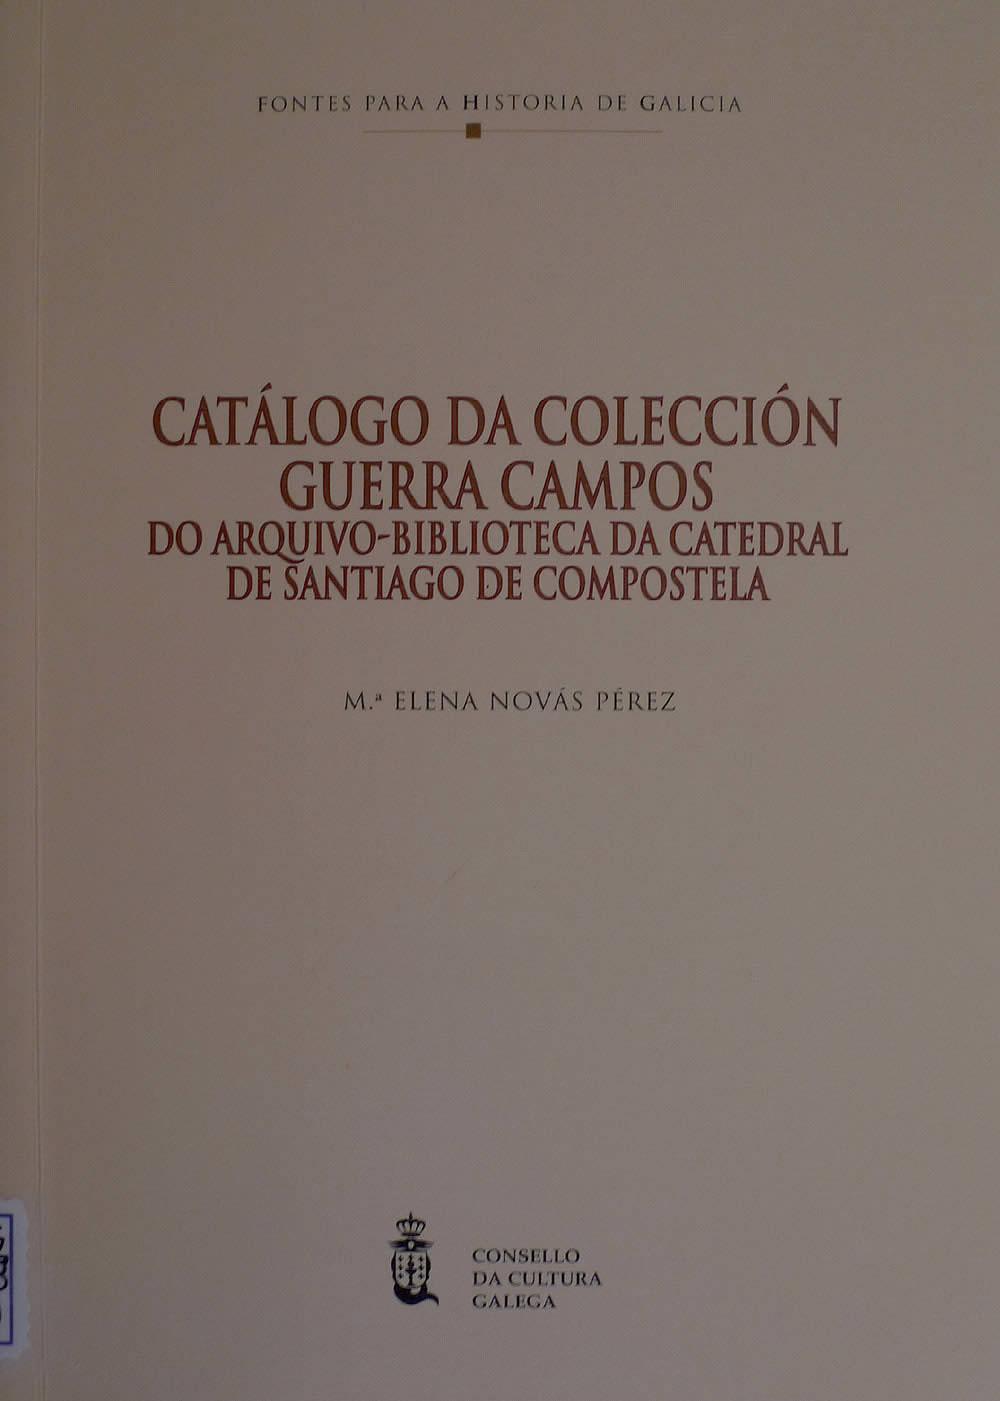 Portada de  Catálogo da colección Guerra Campos do arquivo-biblioteca da catedral de Santiago de Compostela